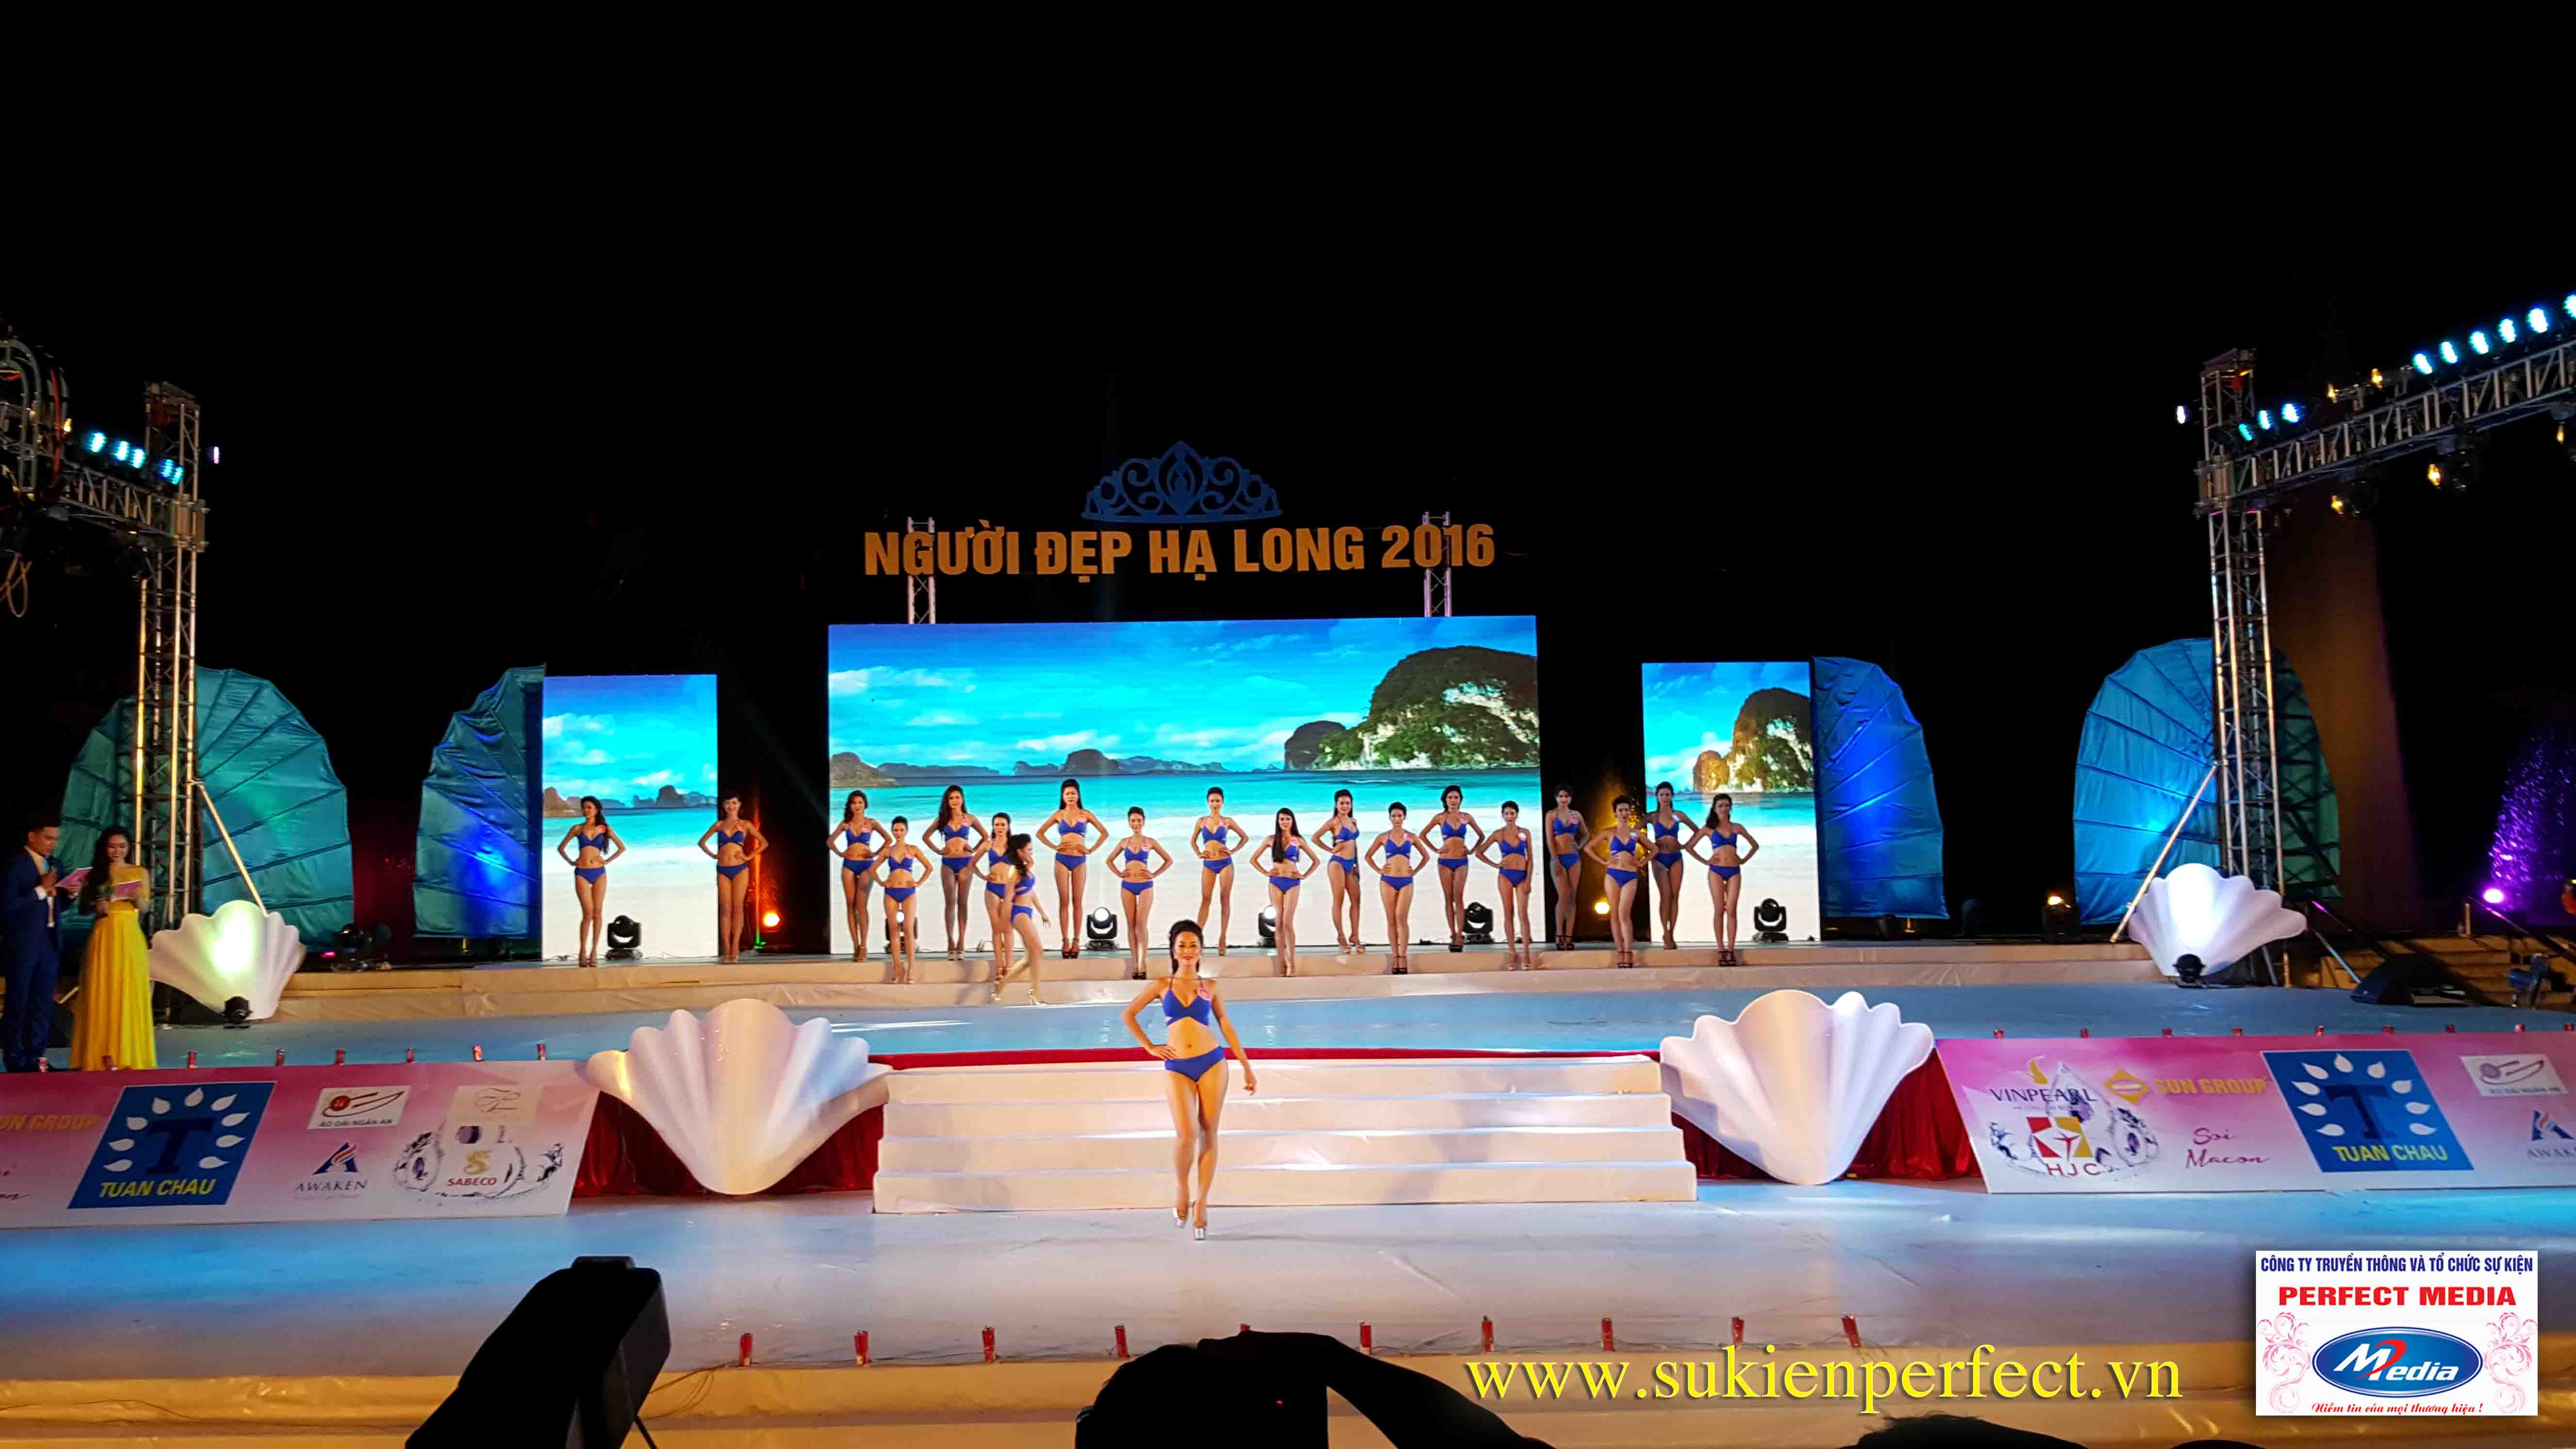 Hình ảnh các người đẹp trong chương trình Người đẹp Hạ Long 2016 – Bikini 02